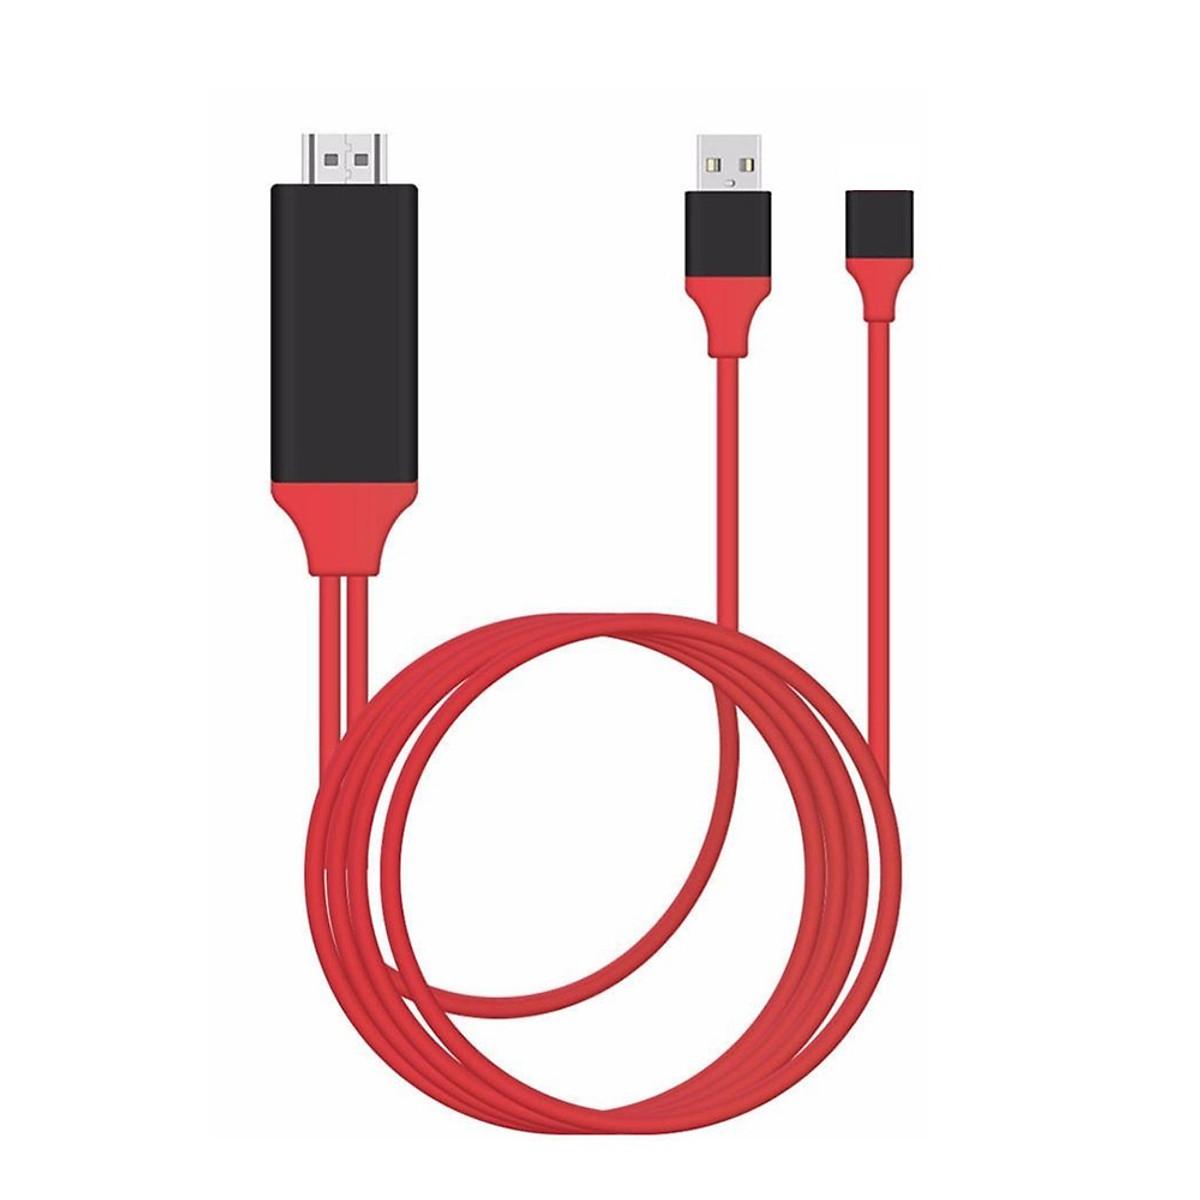 Cáp HDMI kết nối điện thoại có MHL ra Tivi đa năng hỗ trợ cho cả lightning/micro/typeC qua cổng OTG ( giao màu ngẫu nhiên )